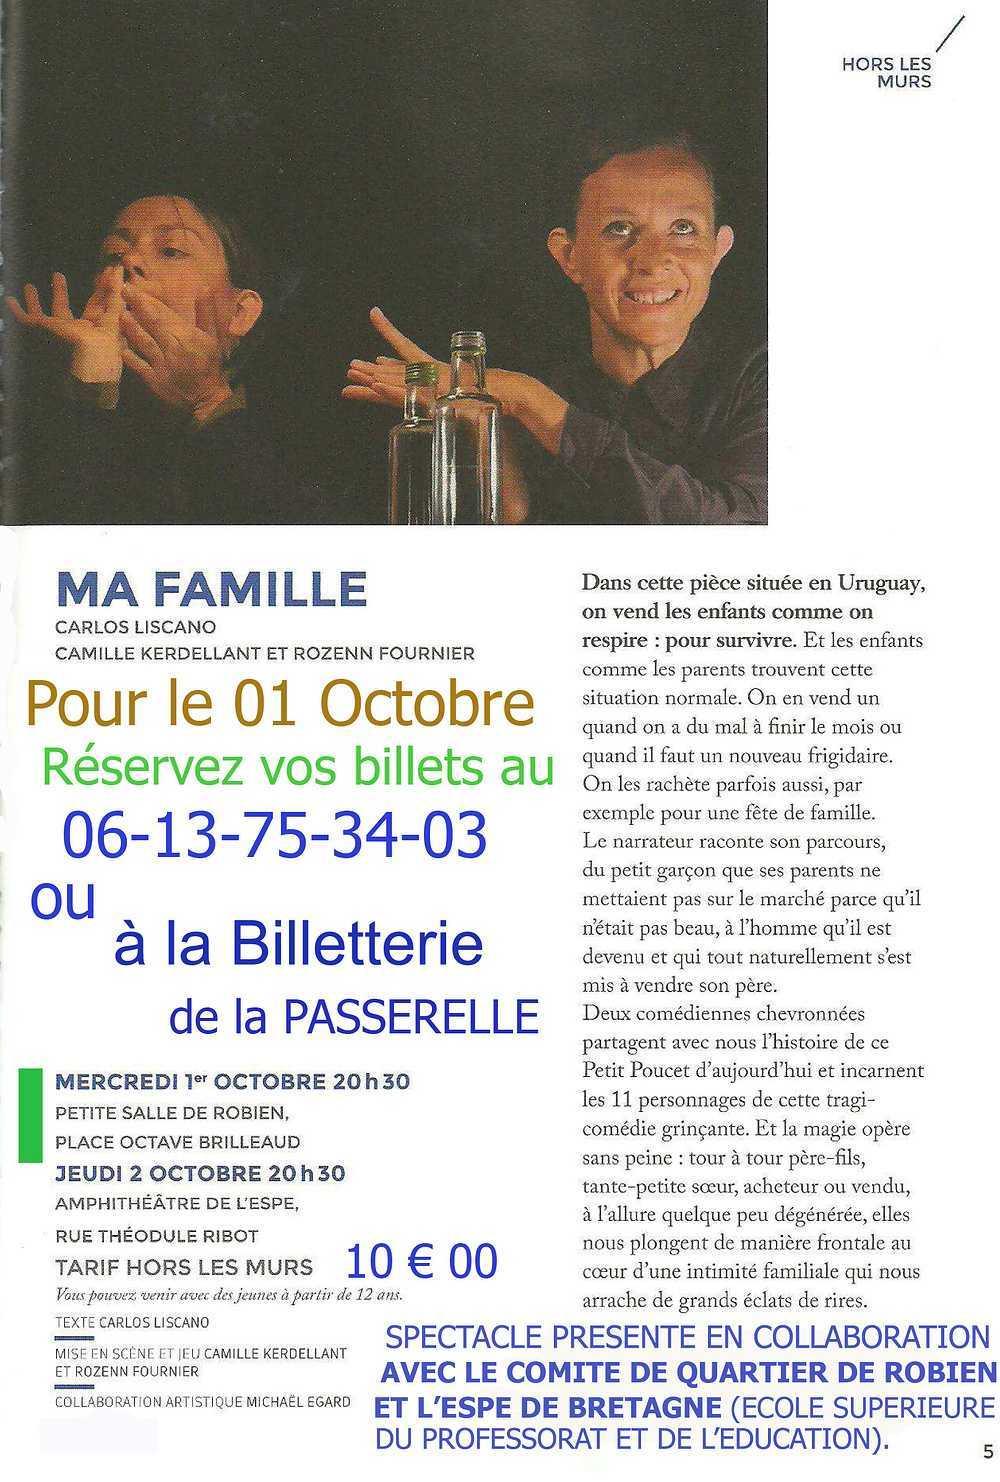 ''''Ma famille'''', spectacle proposé par la passerelle en collaboration avec le CAR, le 1er octobre, petite salle de Robien 0